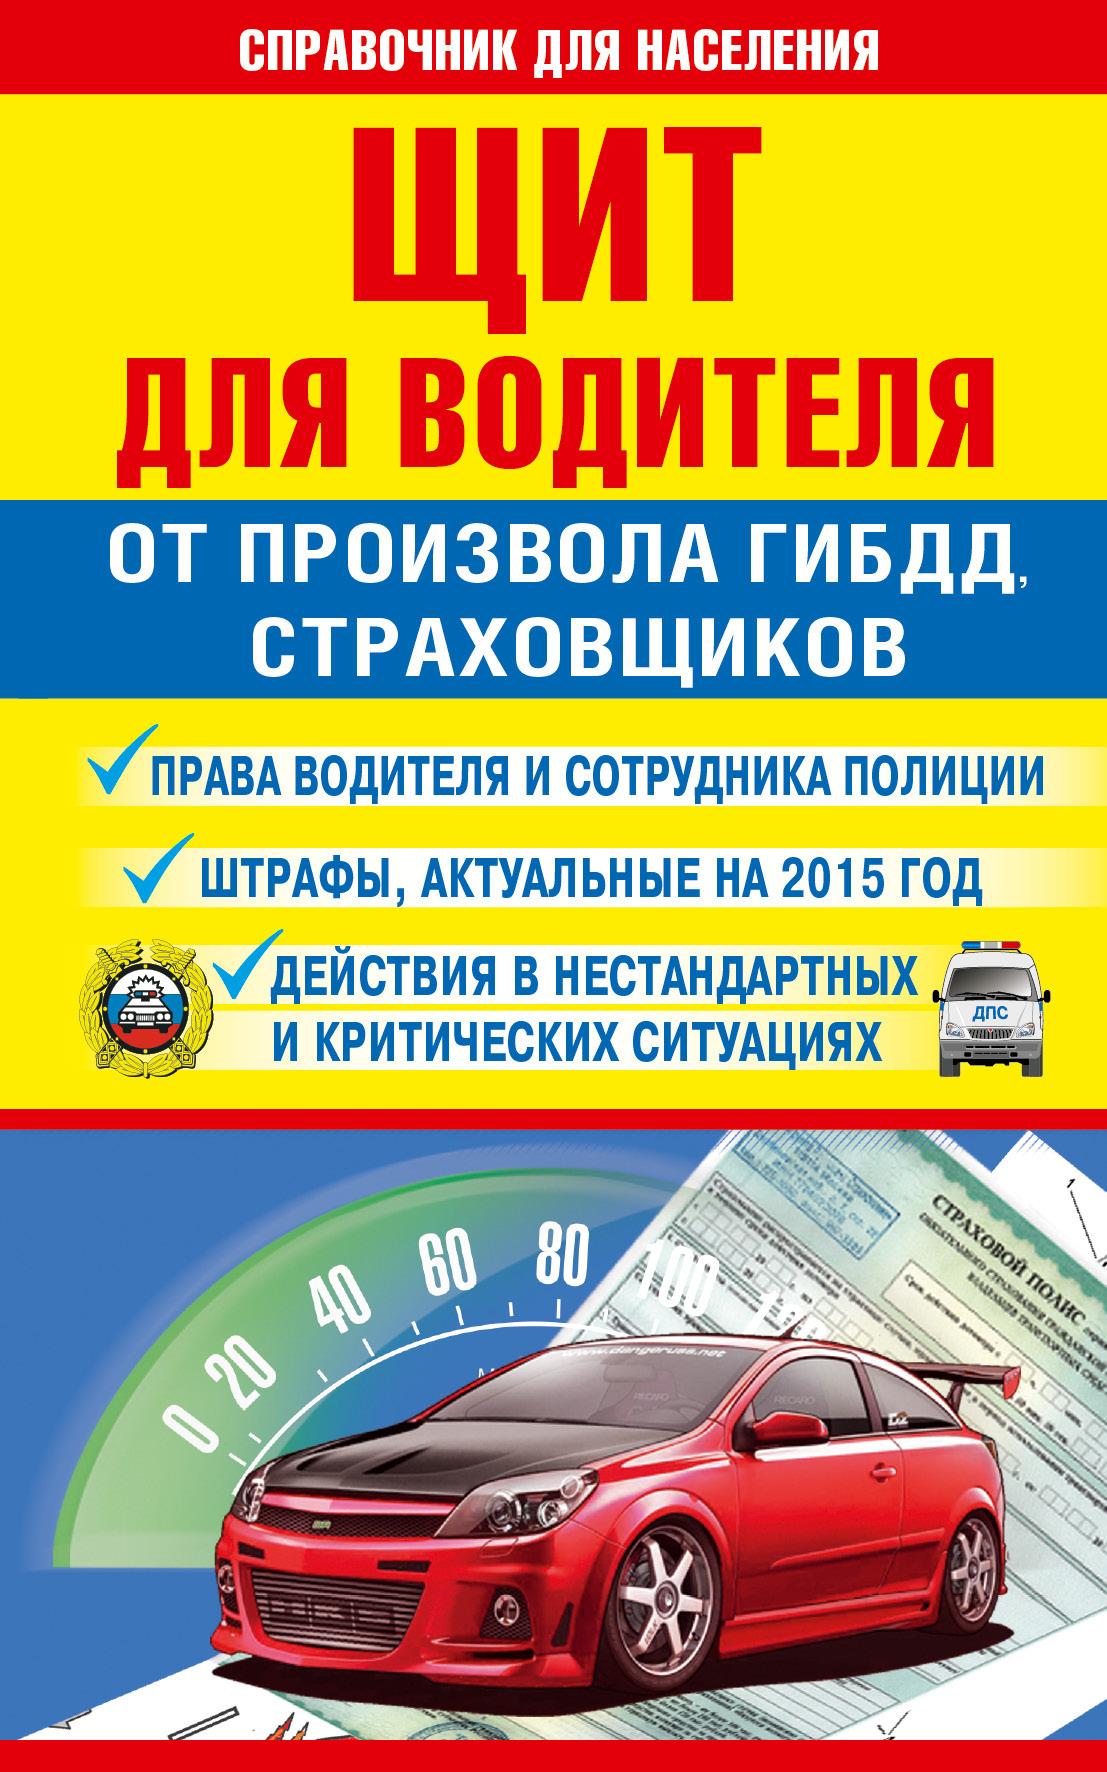 Щит для водителя от произвола ГИБДД, страховщиков   Барбакадзе  Андрей  Олегович